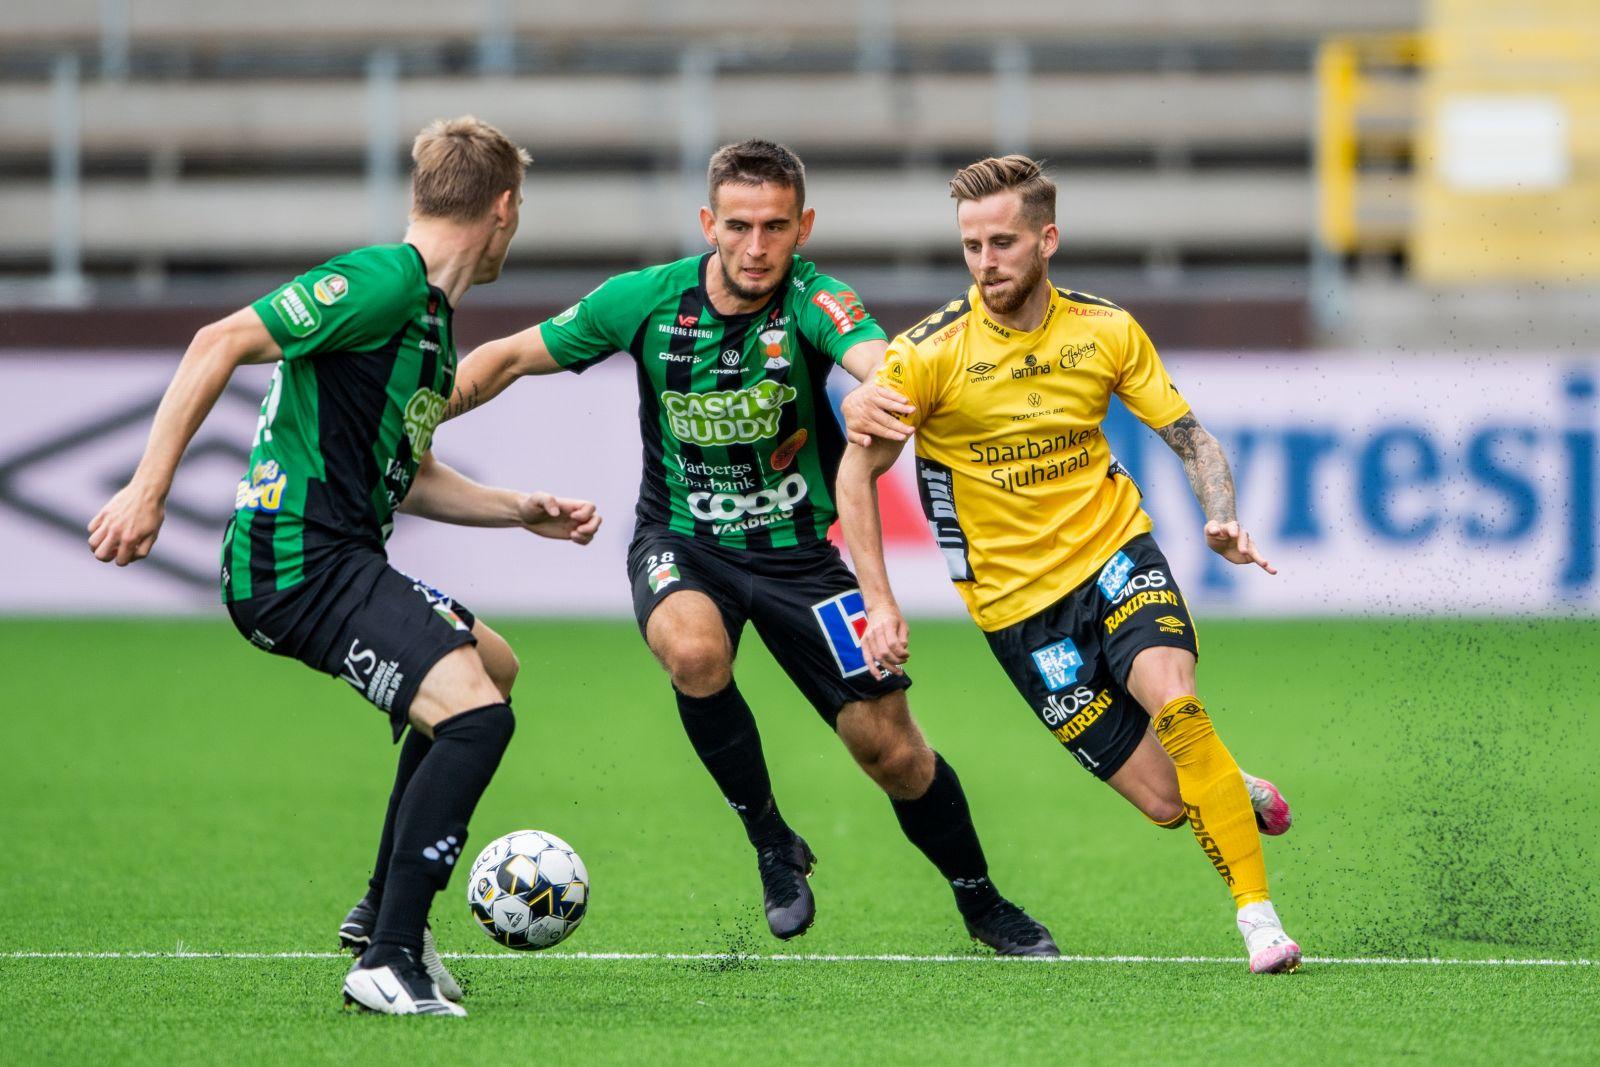 Soi kèo Varbergs vs Elfsborg, 01h00 ngày 27/10, VĐQG Thụy Điển